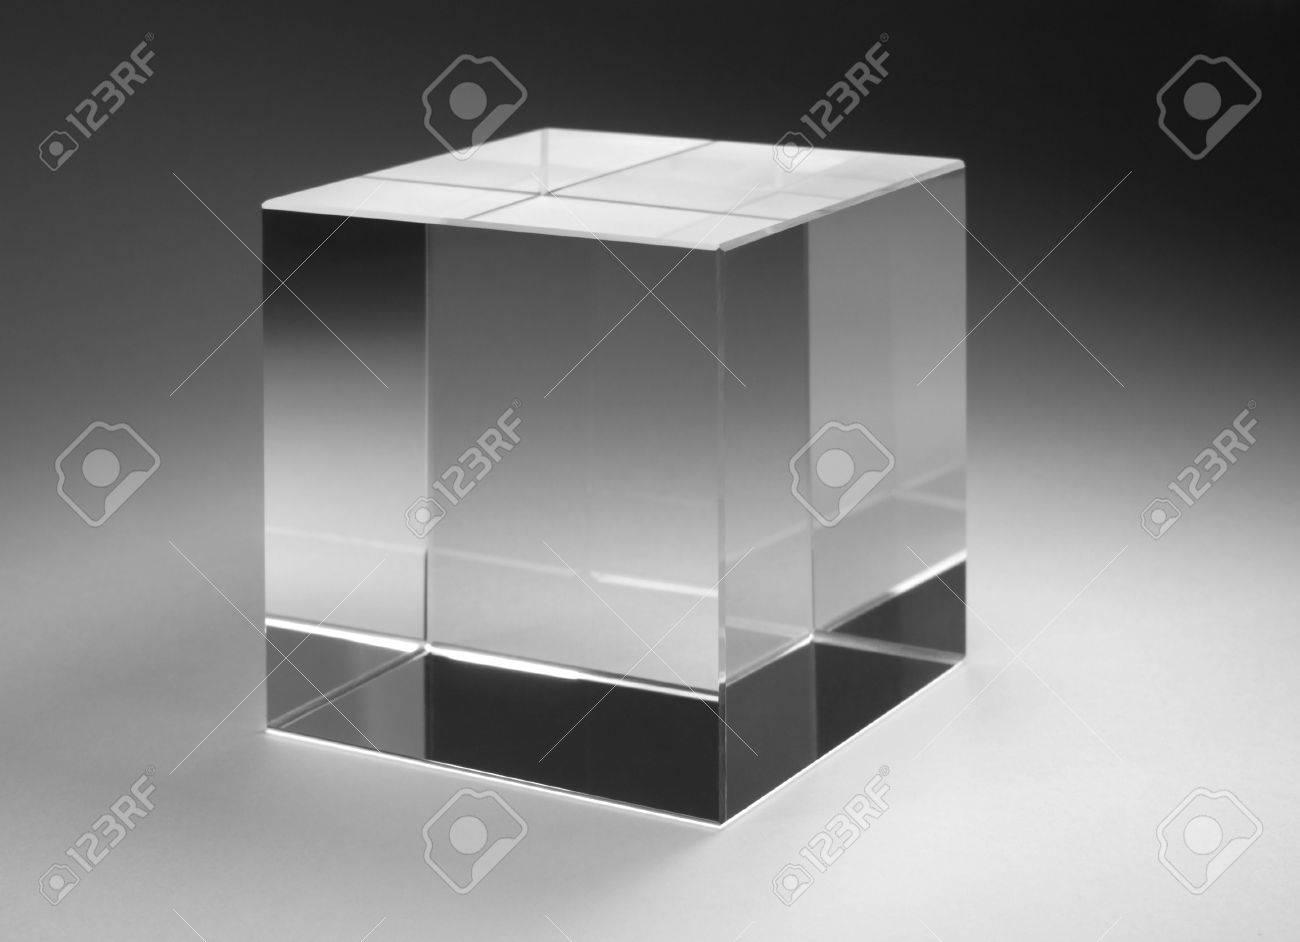 Glazen Kubus Met Foto.Studiofotografie Van Een Solide Glazen Kubus In Gradient Terug